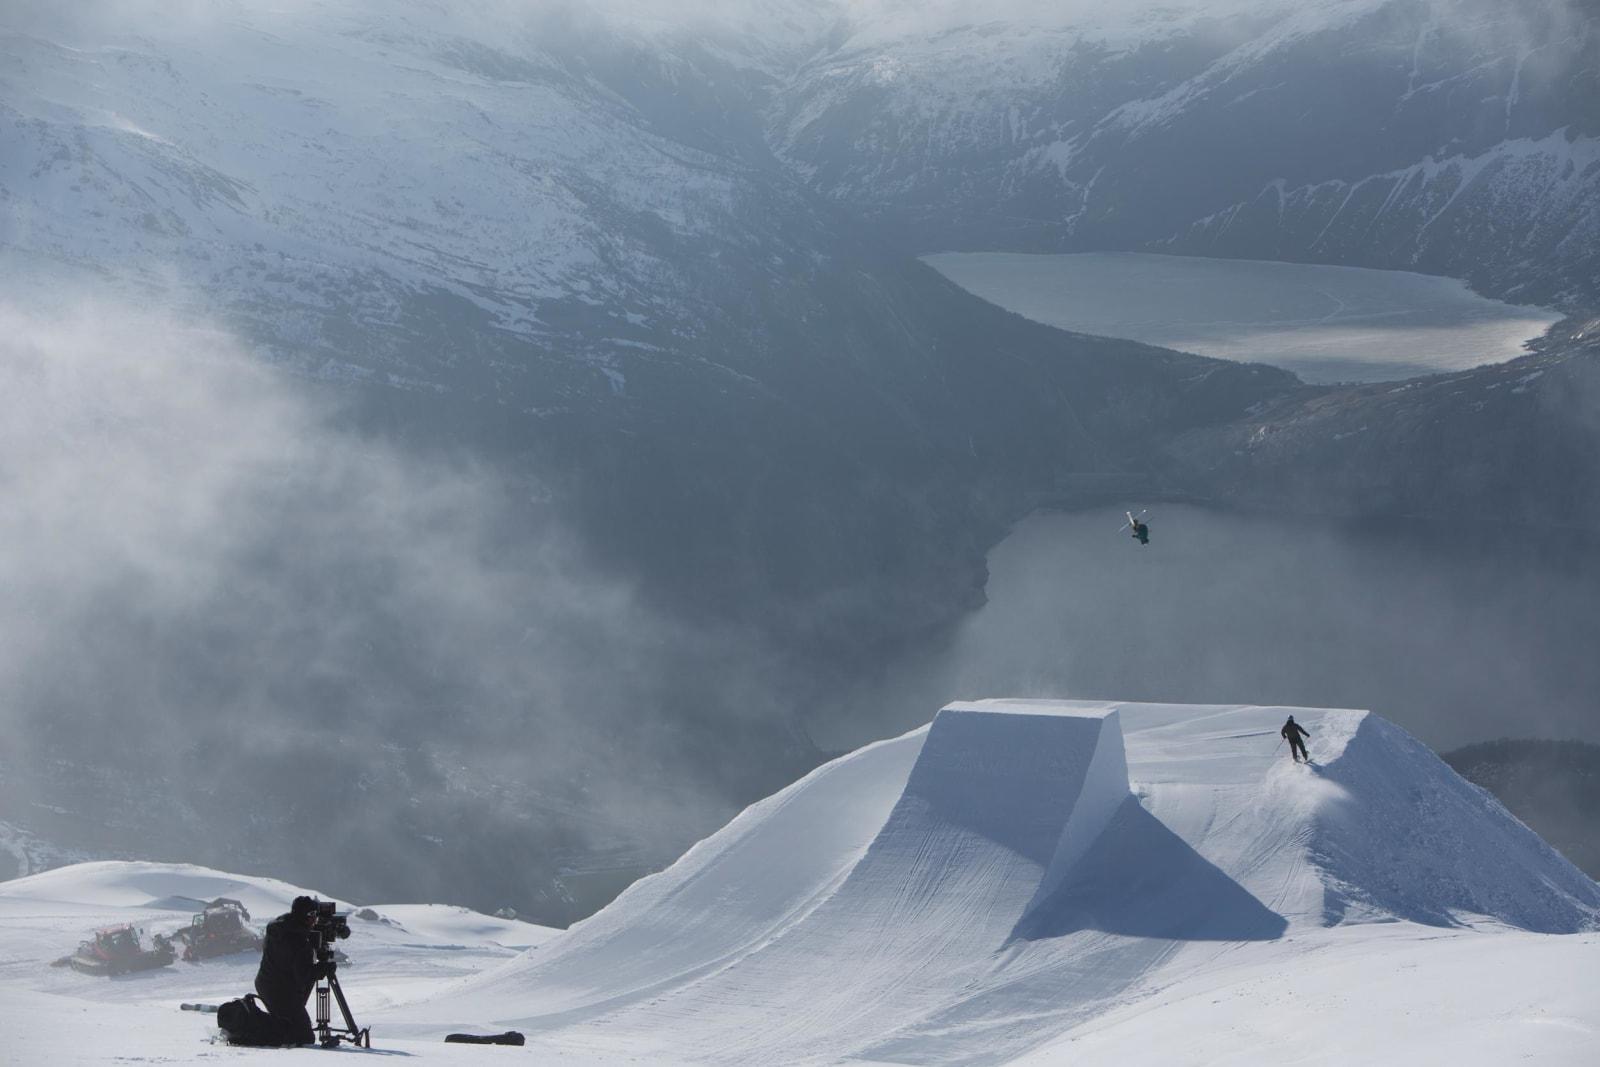 PUBLIKUM: Fjellnorges beste kamerapark og en tråkkemaskin fra Lofoten, følger med Øystein Bråten som også i Glomfjord er glovarm. Foto: Thomas Kleiven